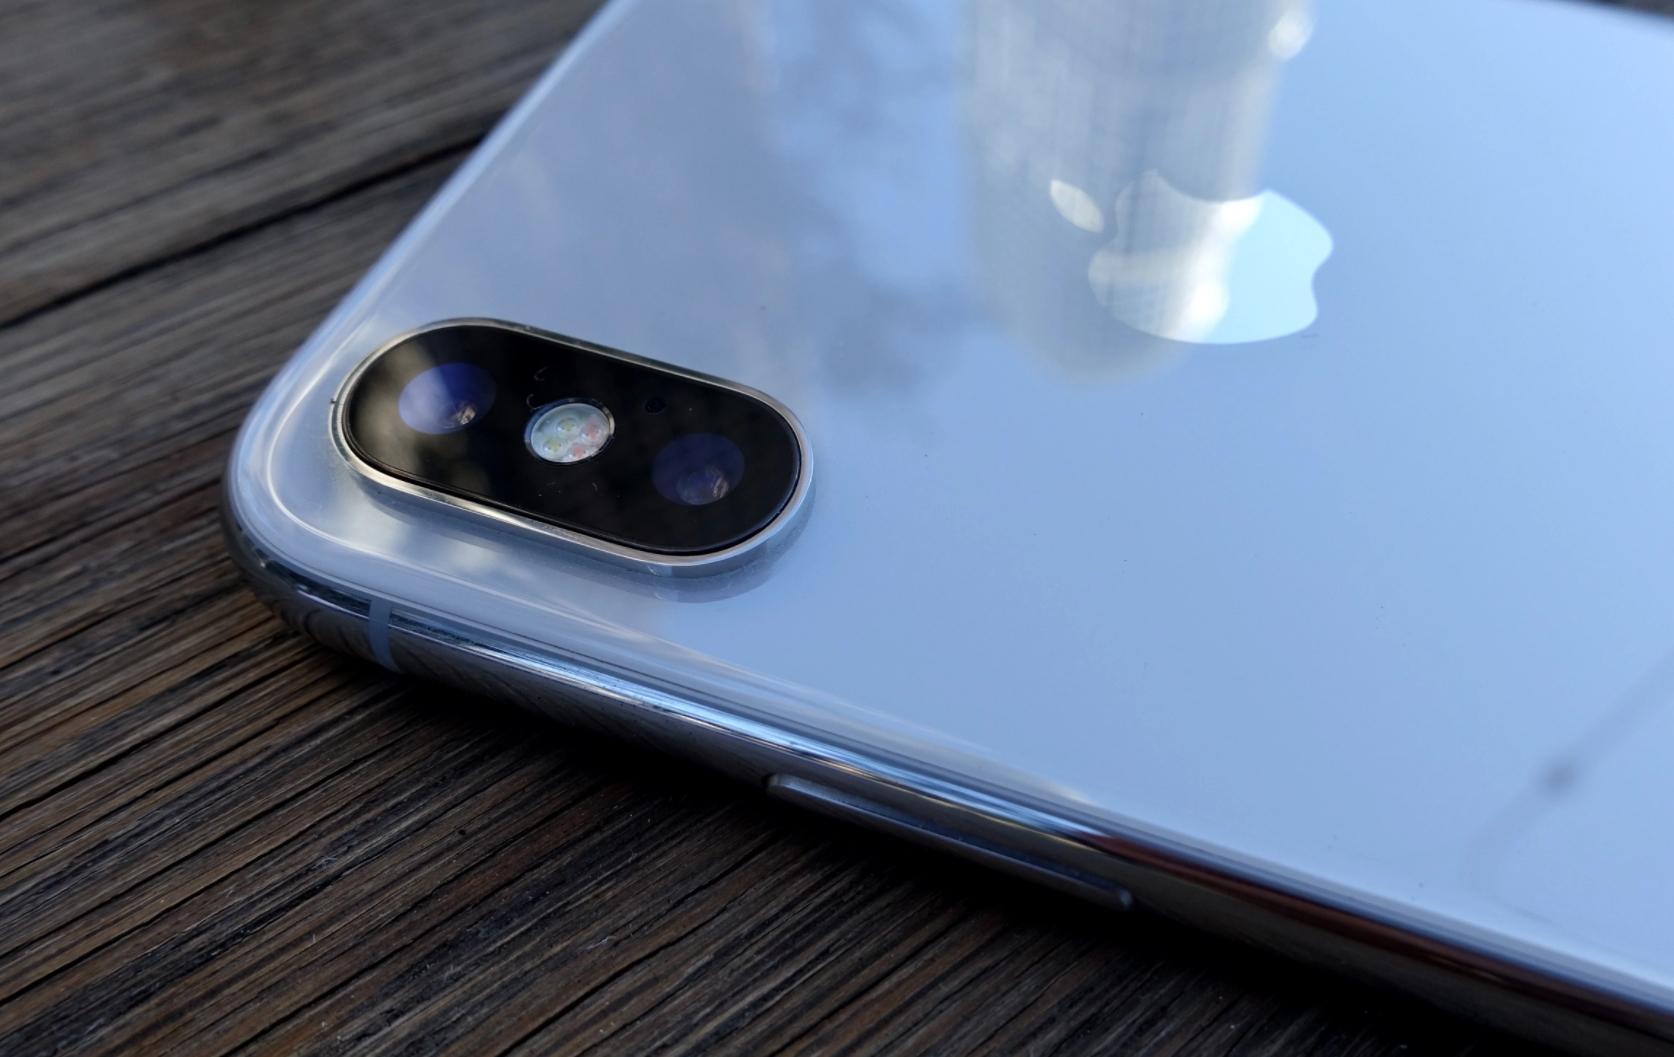 Den gamle ringreven er en av verdens rikeste: bryr seg ikke om iPhone X-salget - løfter Apple til nye høyder